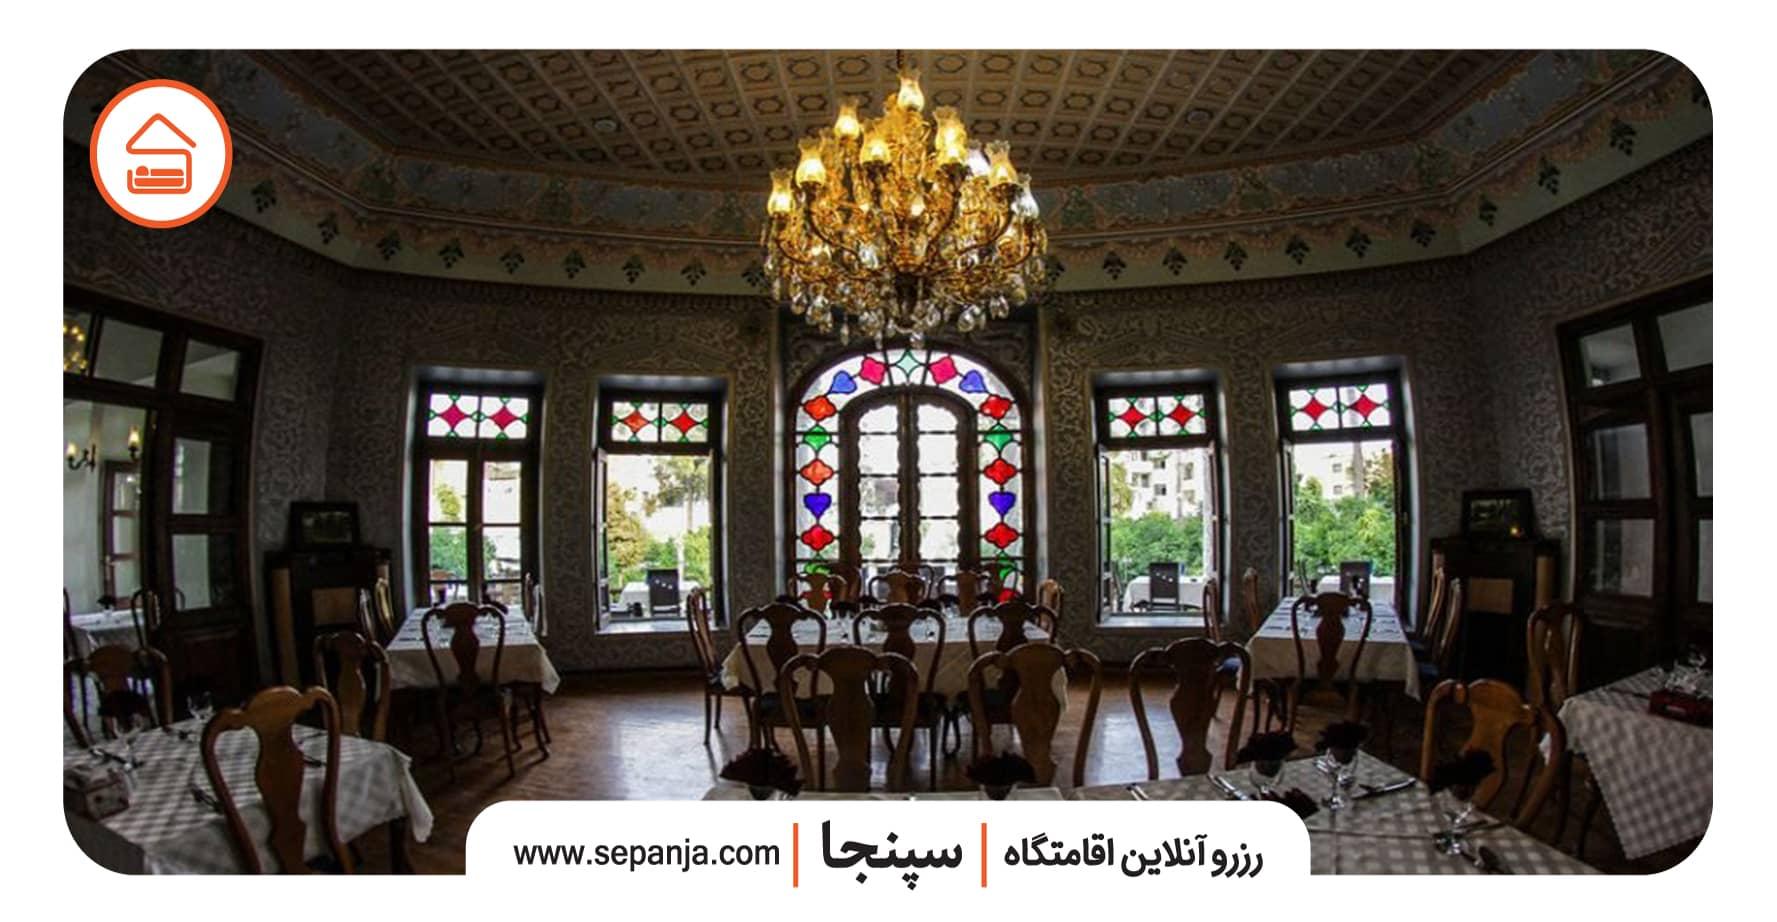 معماری عمارت شاپوری